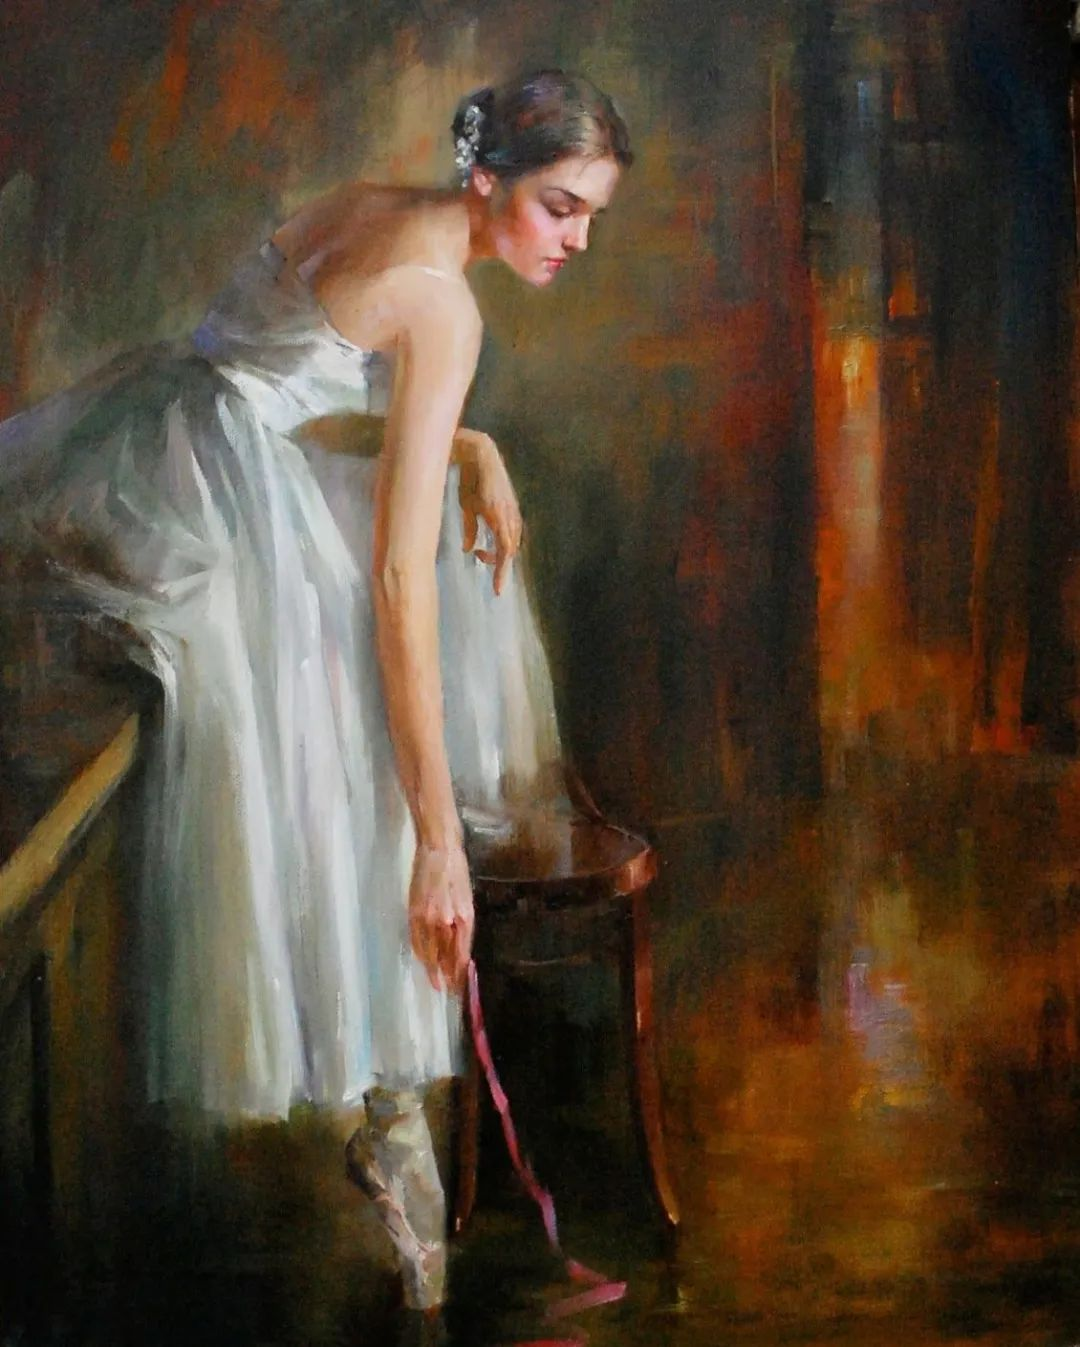 他画中的舞女,有种静谧的美!美籍华裔画家凯文·雷插图16